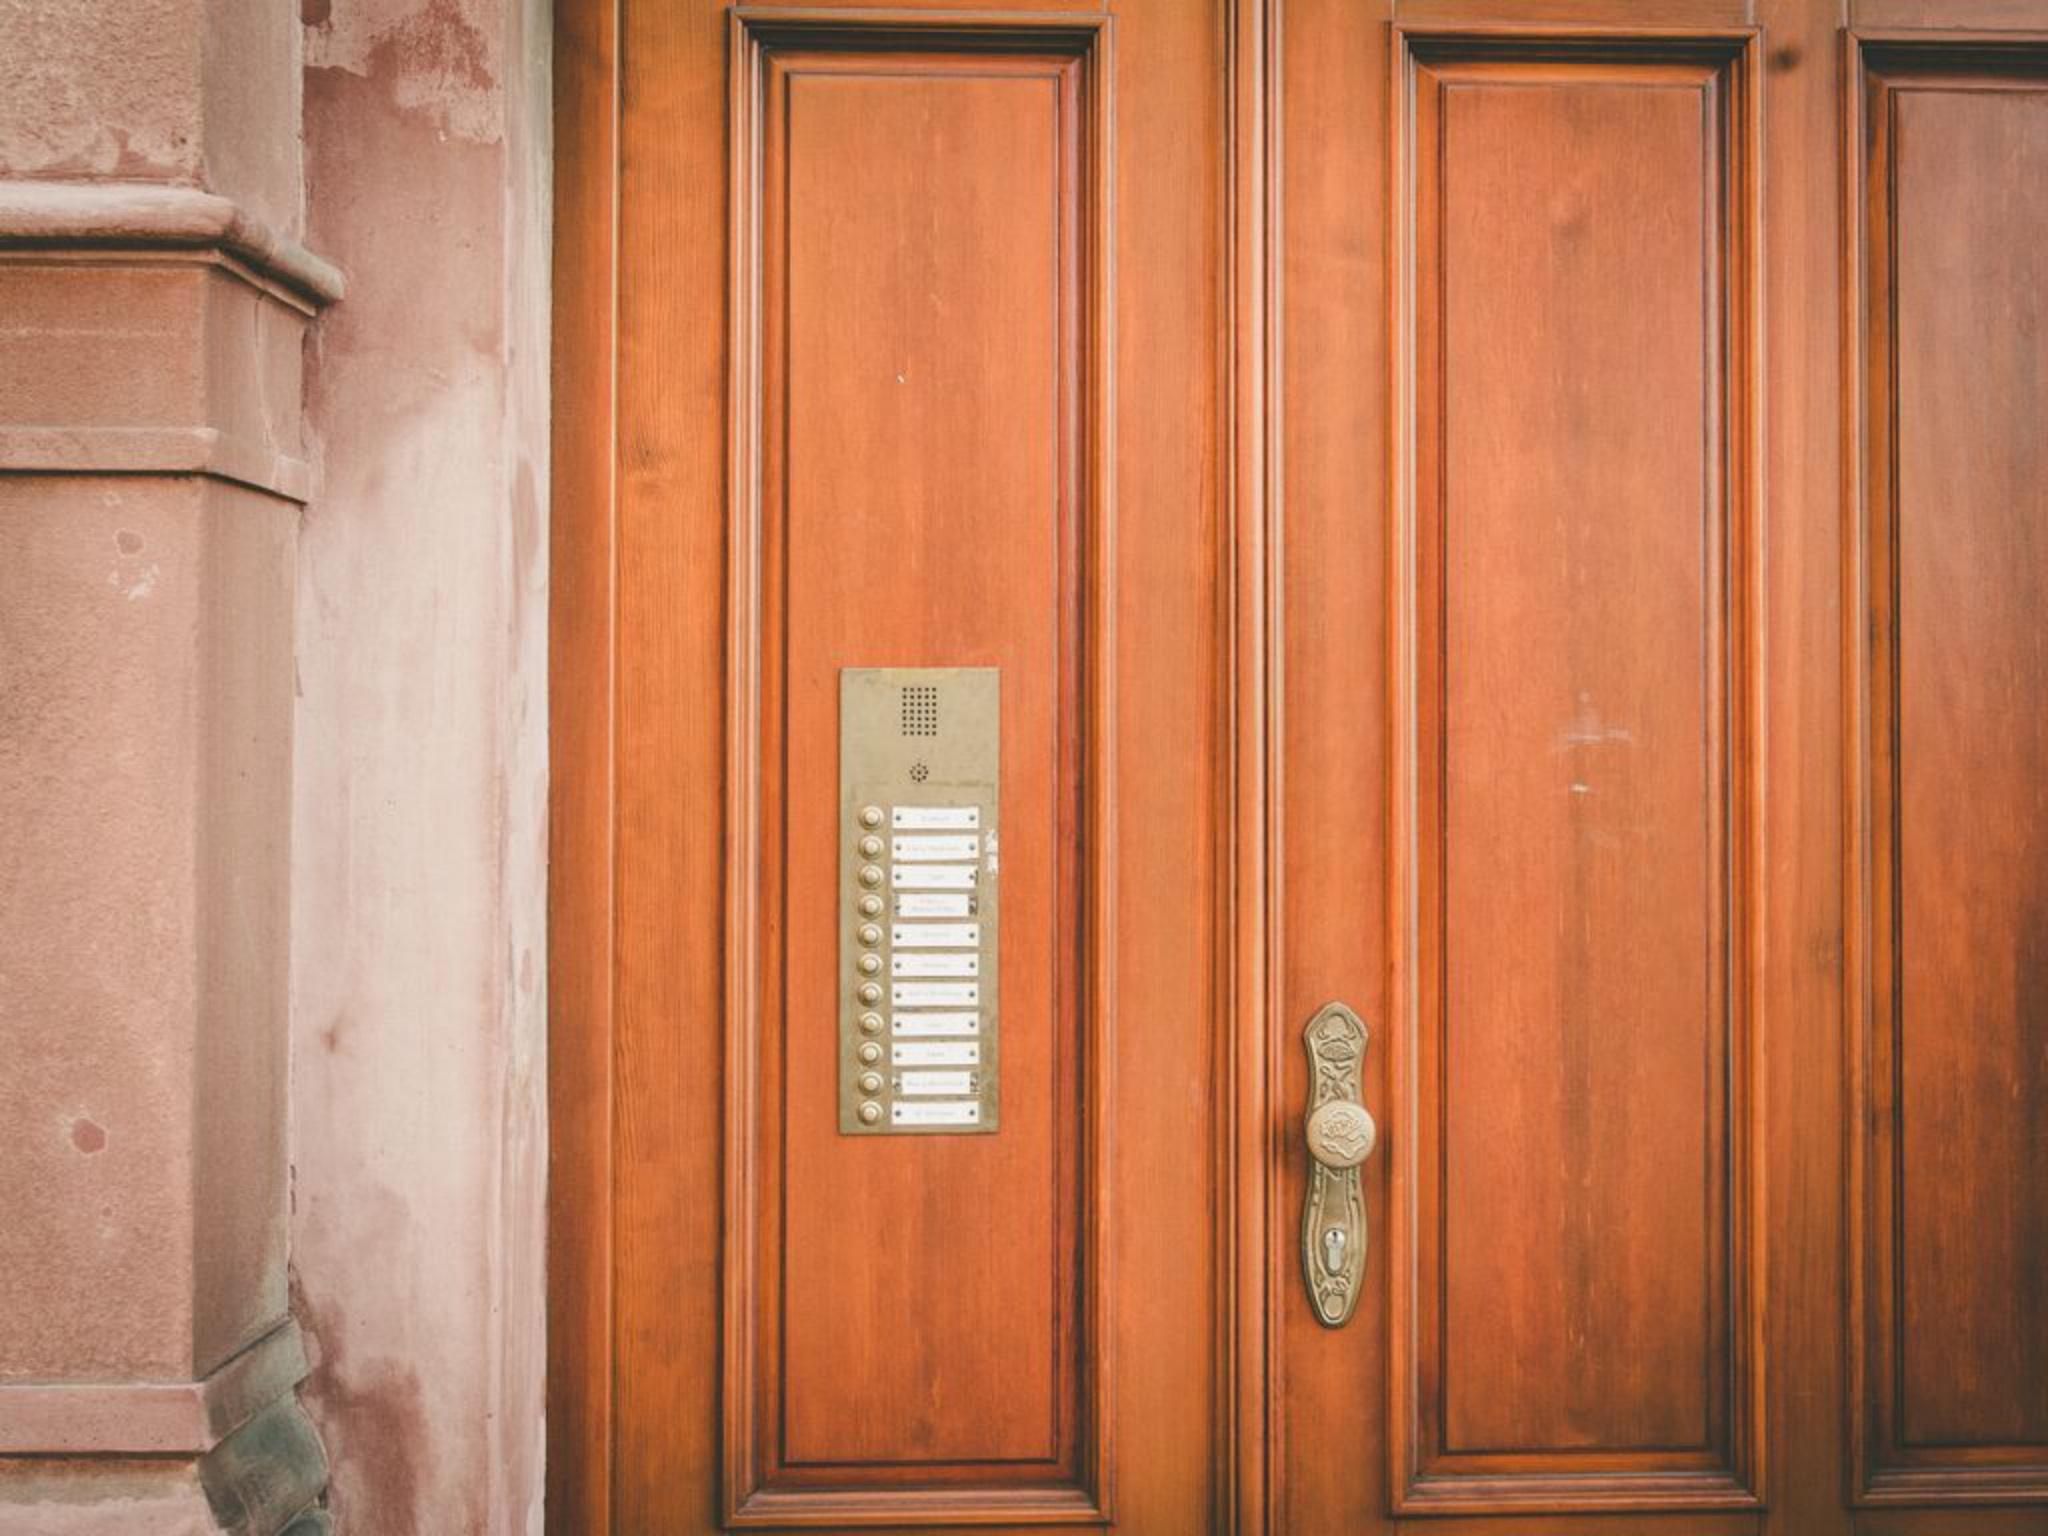 Auf der Suche nach einem seriösen Schlüsseldienst? Unabhängige Vergleichsportale helfen weiter! Foto: Pascal Höfig